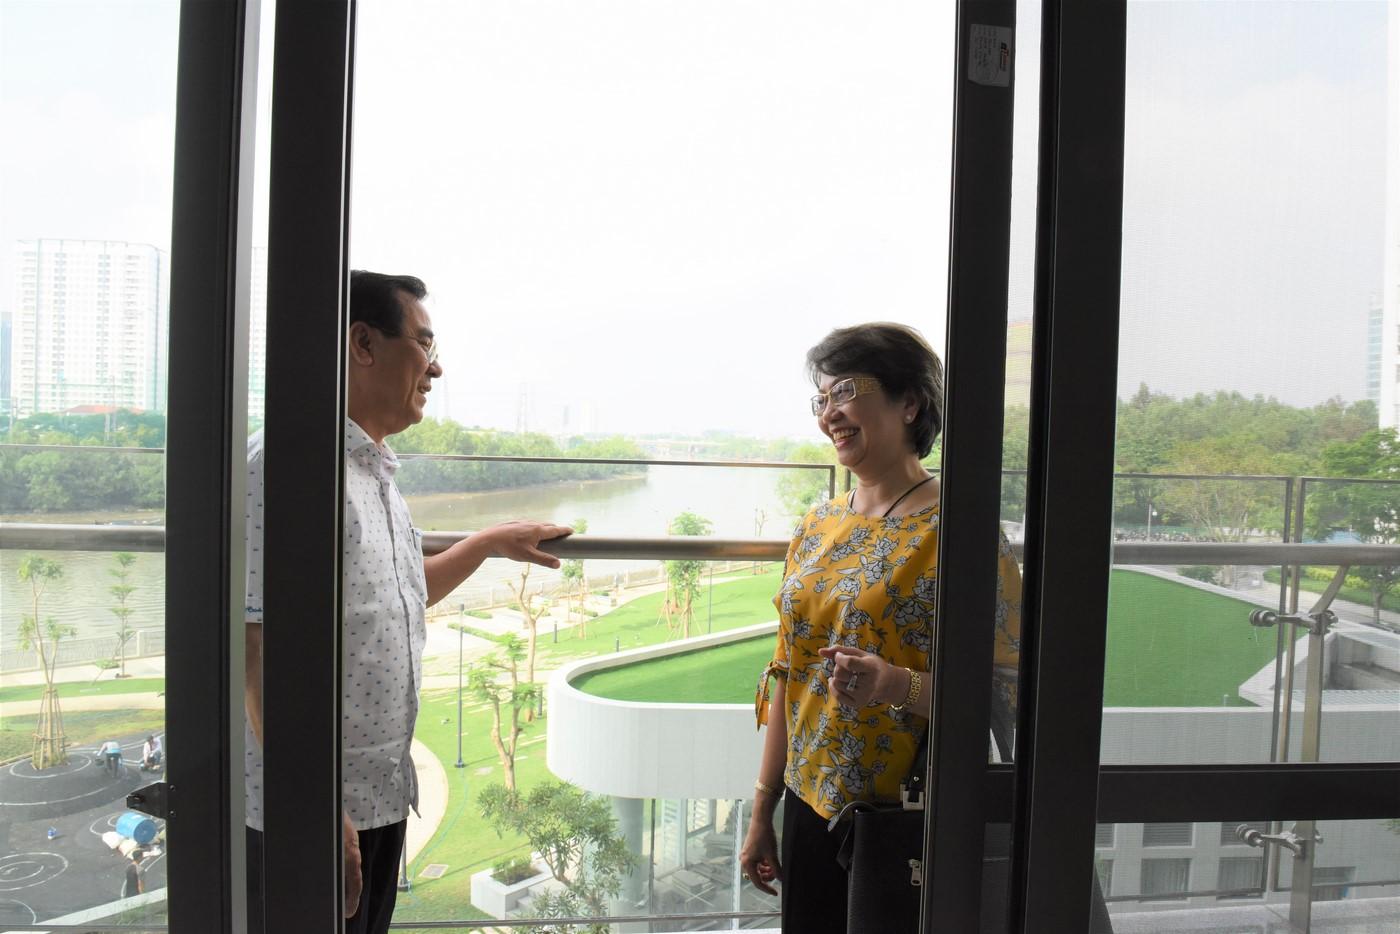 DSC 7594 Copy - Nhận nhà mới - đón năm mới cùng cư dân Riverpark Premier